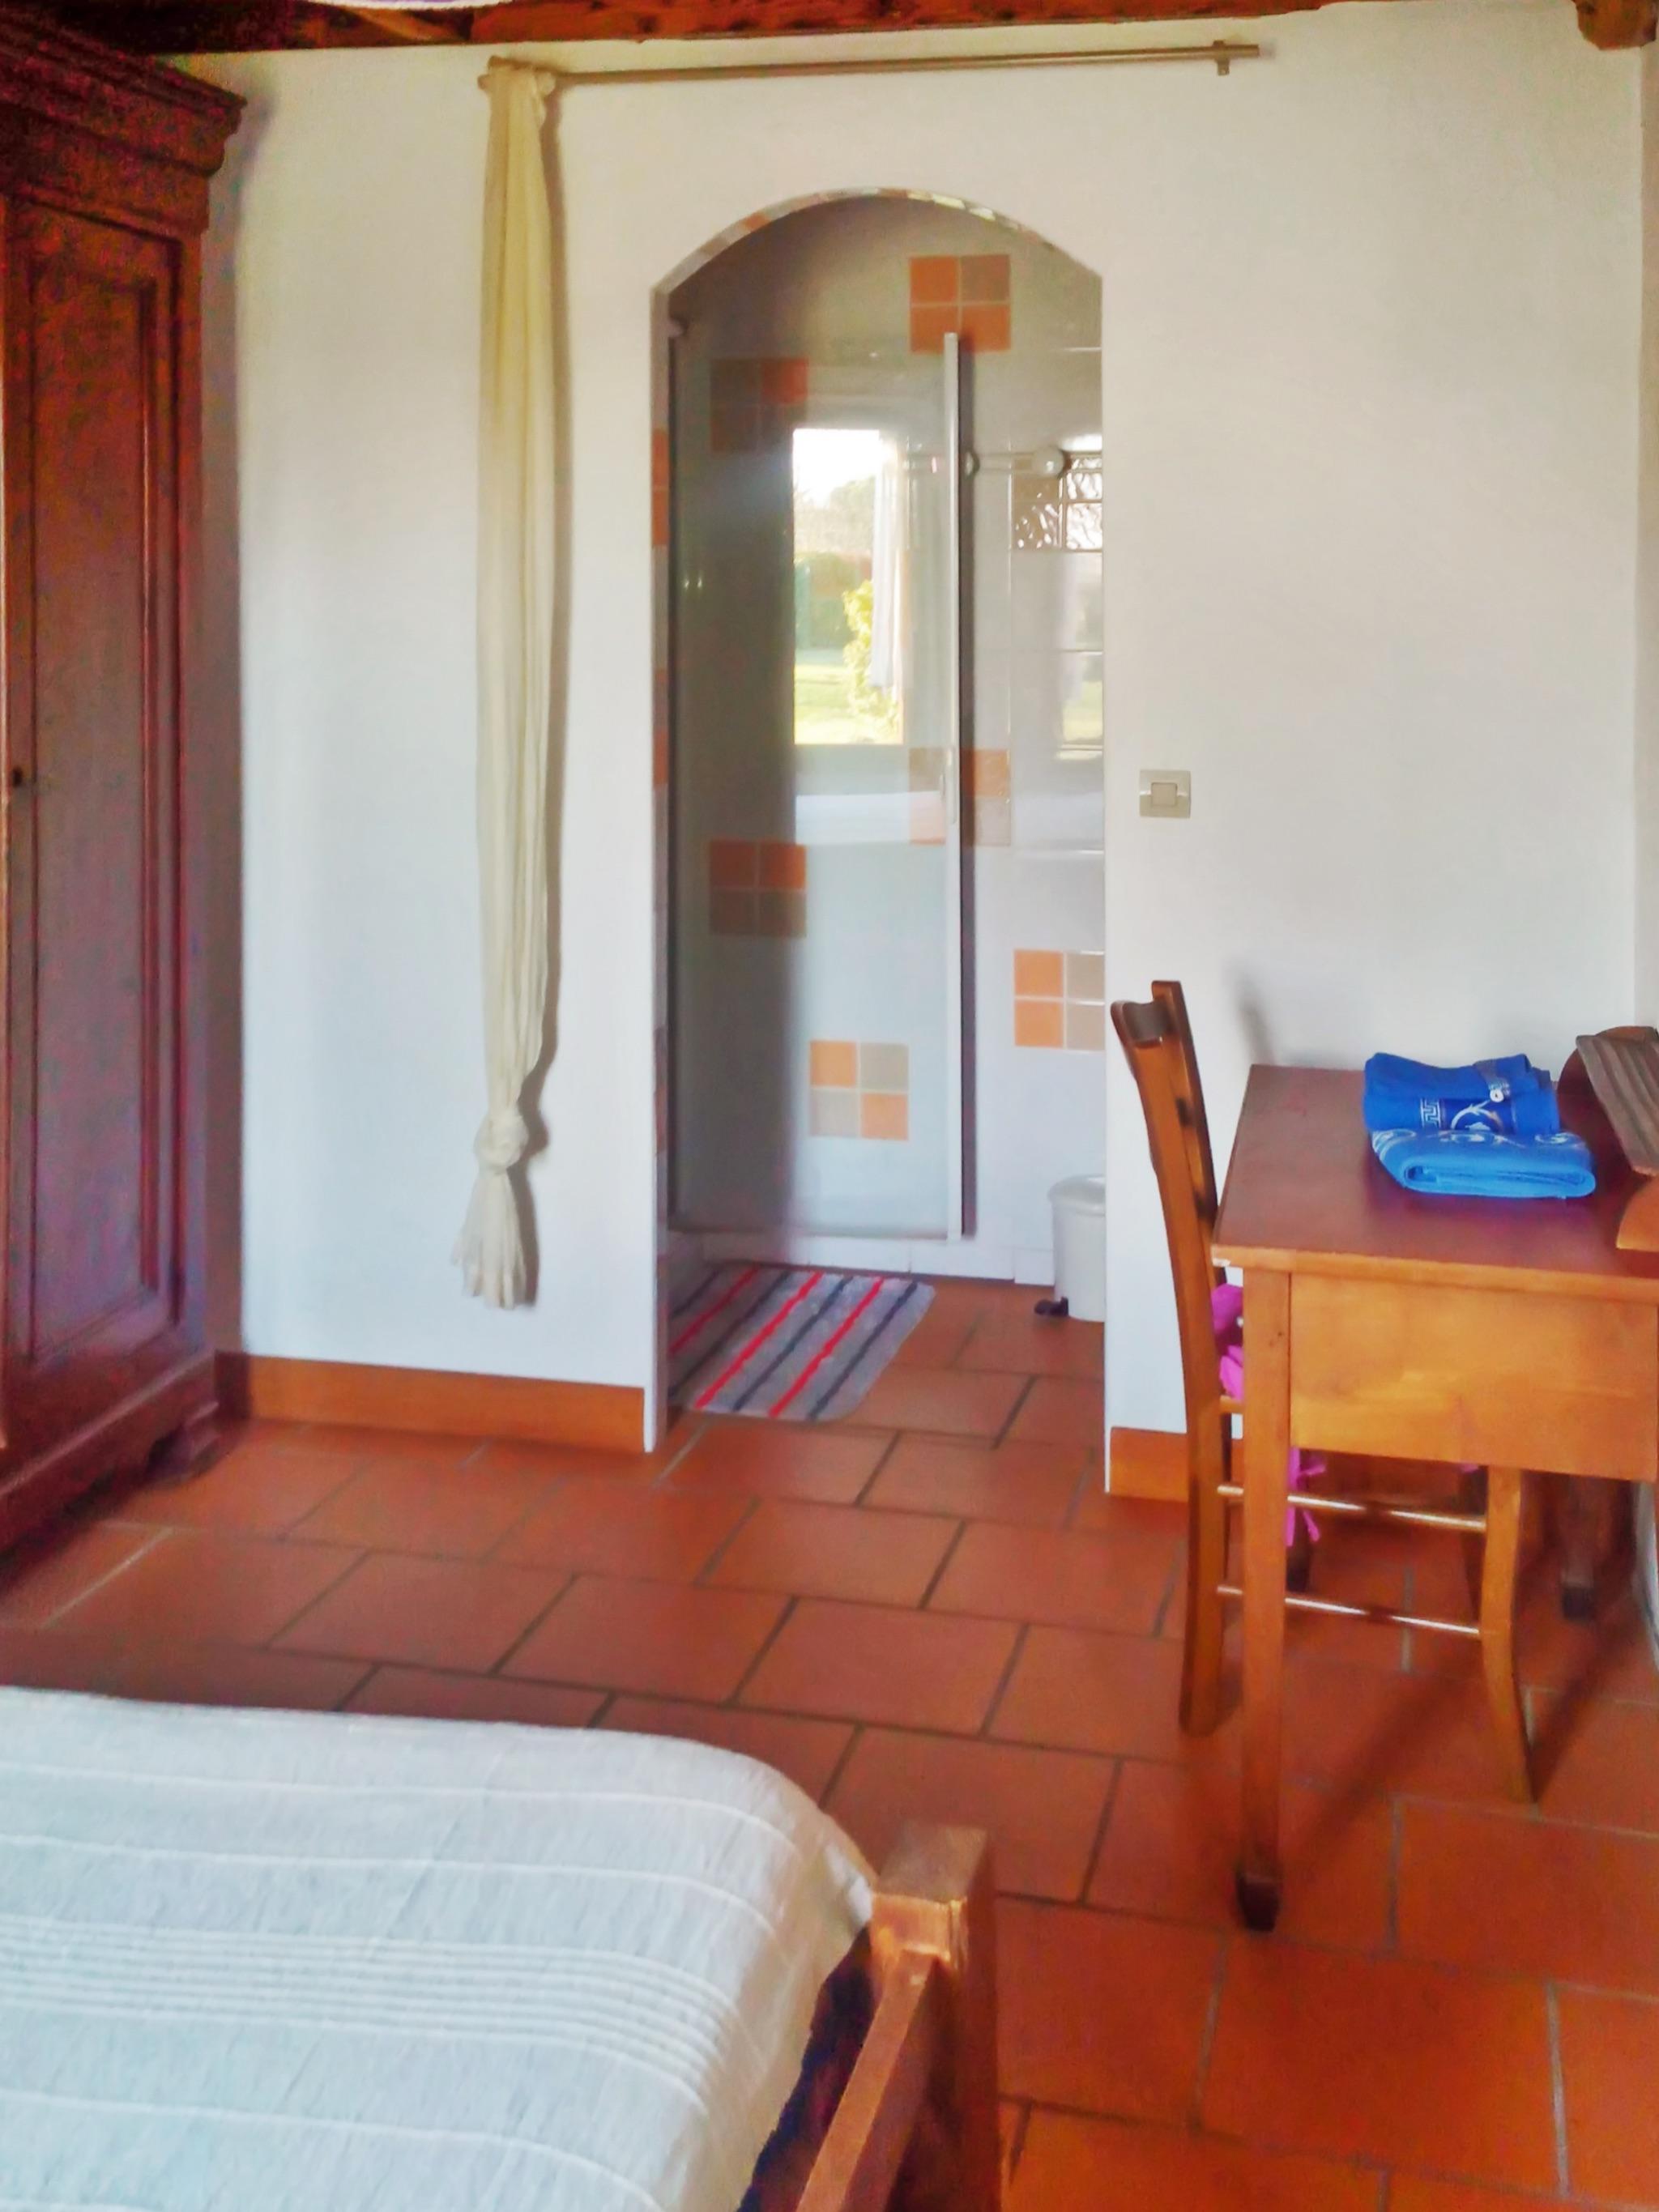 Ferienhaus Villa mit 4 Zimmern in Trensacq mit privatem Pool und möbliertem Garten - 45 km vom Strand (2202366), Trensacq, Landes, Aquitanien, Frankreich, Bild 17